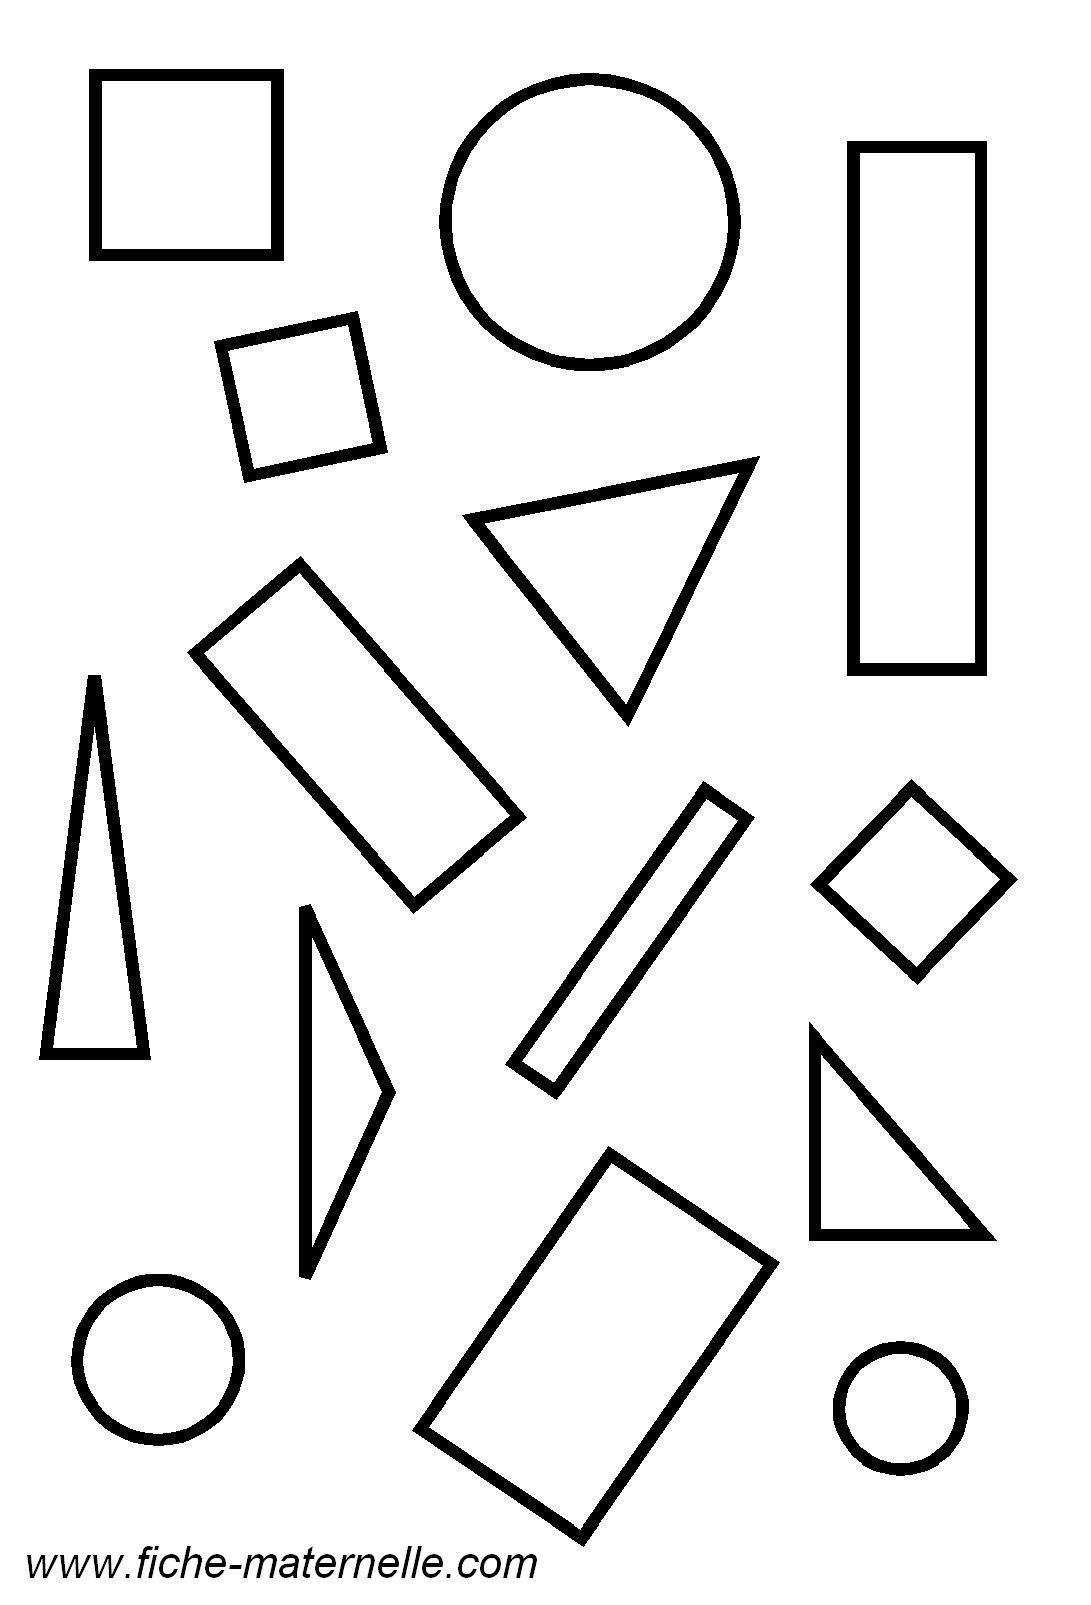 Dessin coloriage forme geometrique - Coloriage des formes geometriques ...